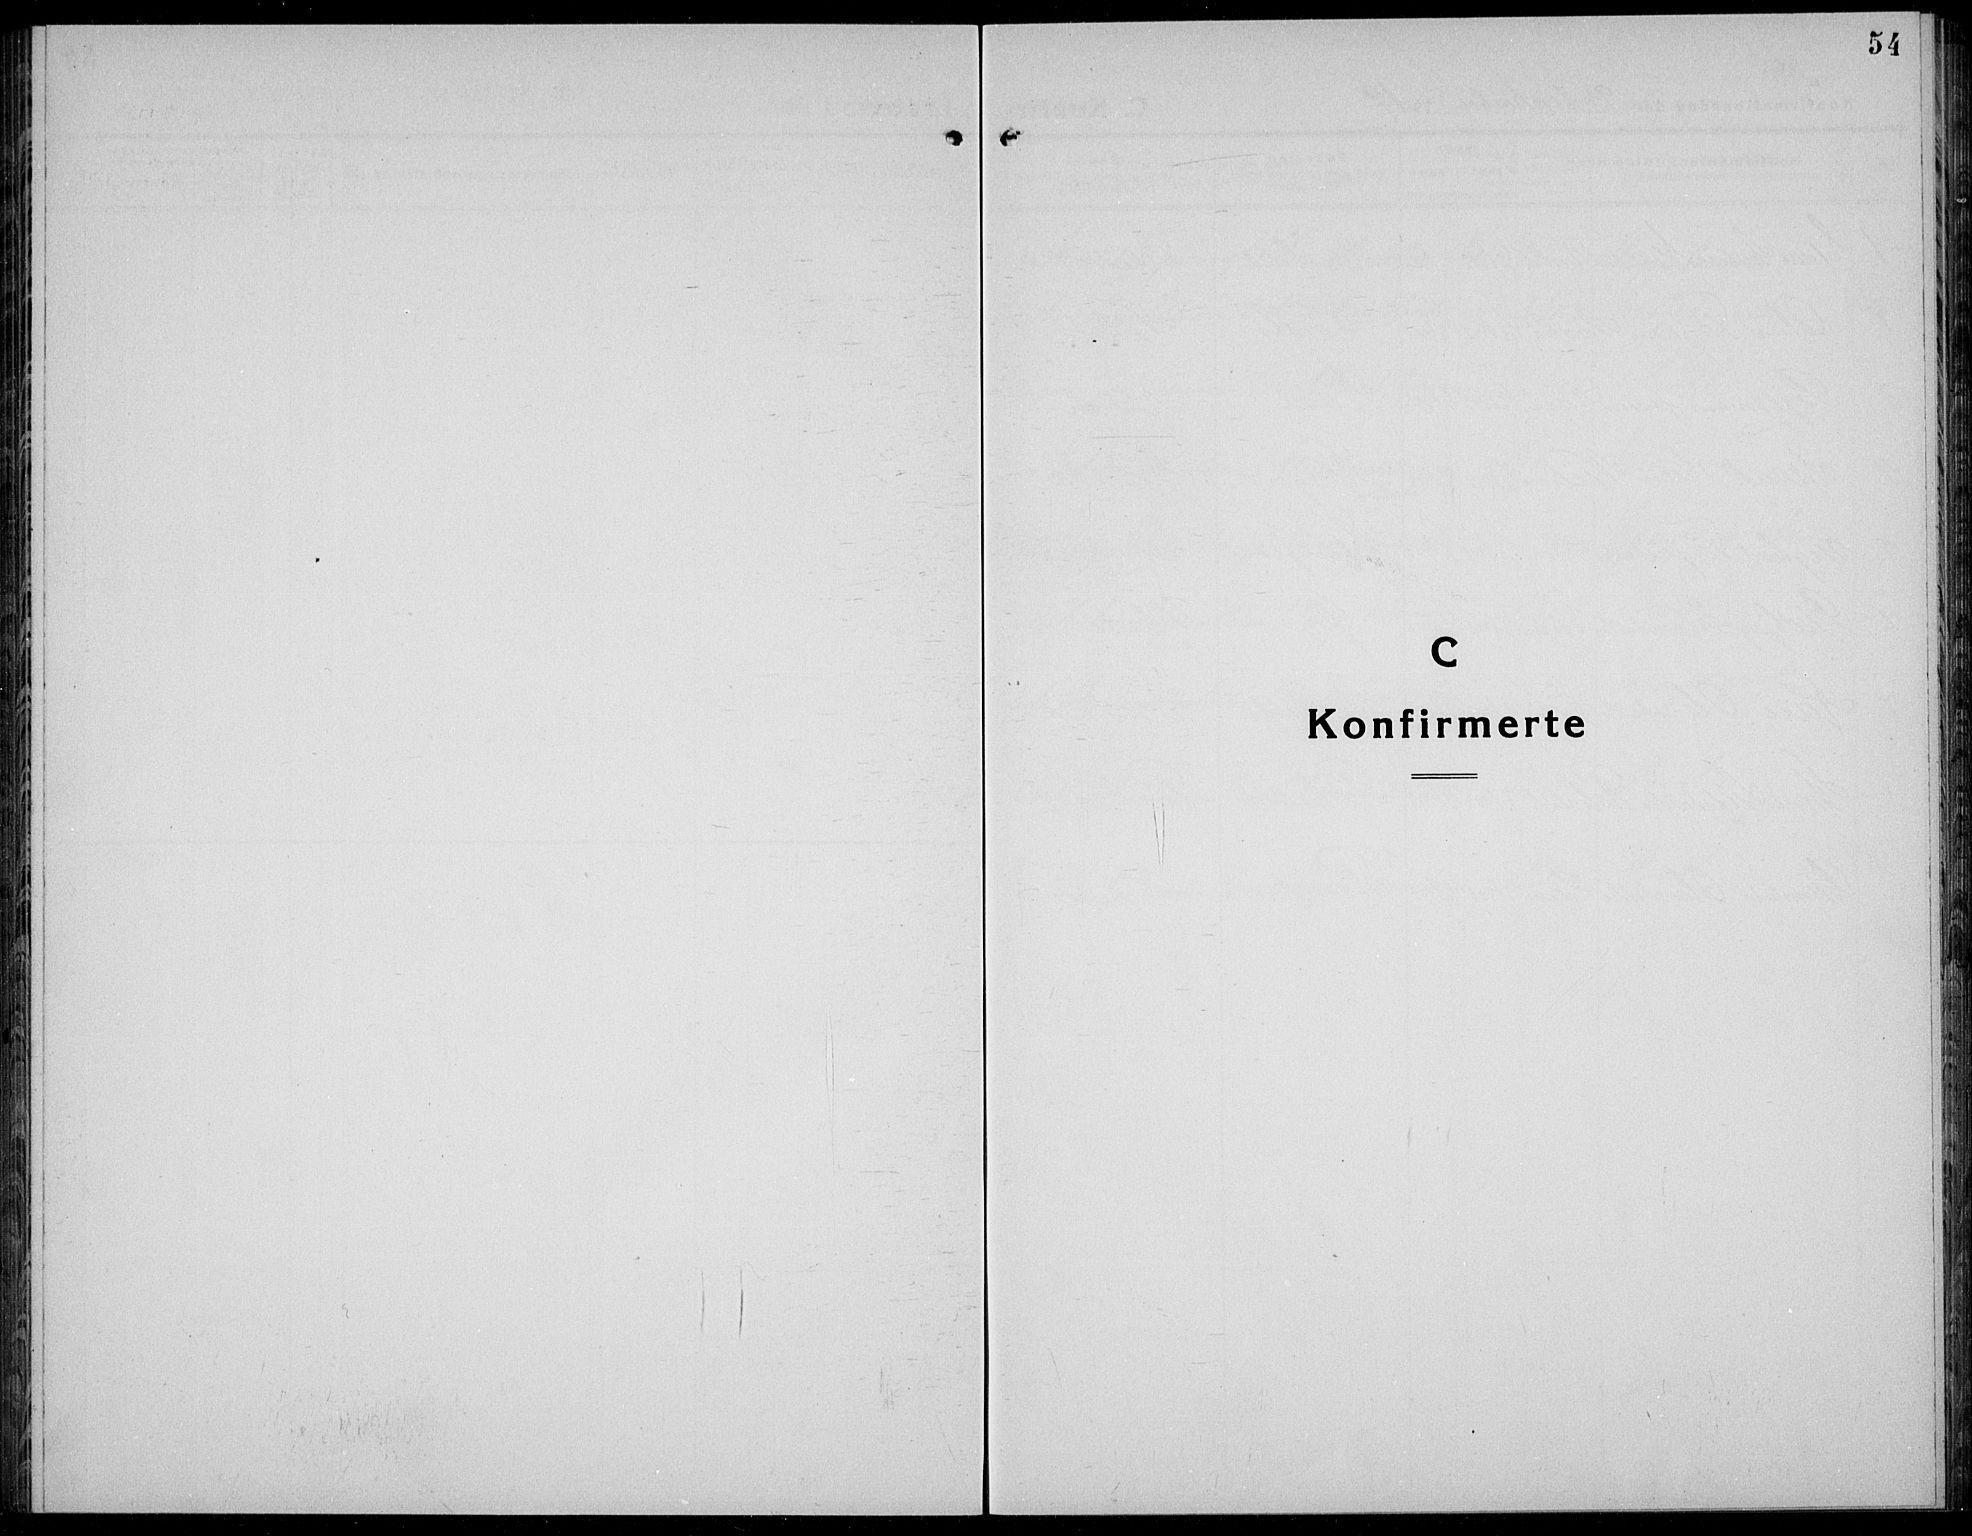 SAKO, Kviteseid kirkebøker, G/Gc/L0002: Klokkerbok nr. III 2, 1917-1937, s. 54